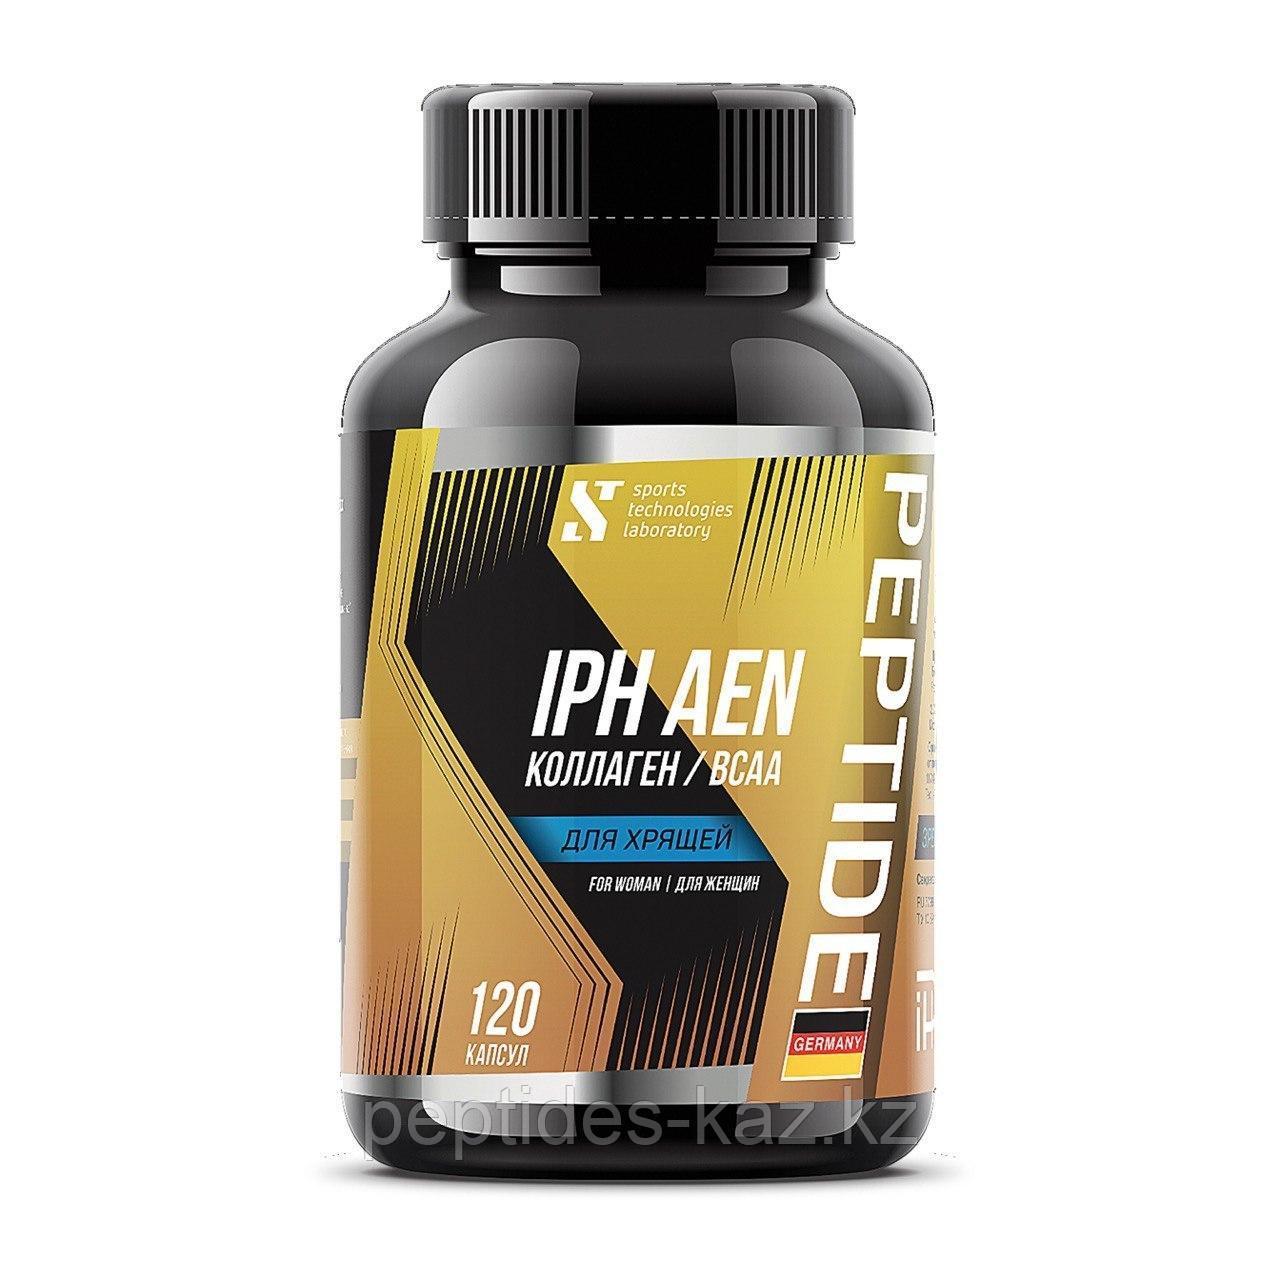 STL BCAA Collagen IPH® AEN комплекс с пептидами хрящей для женщин